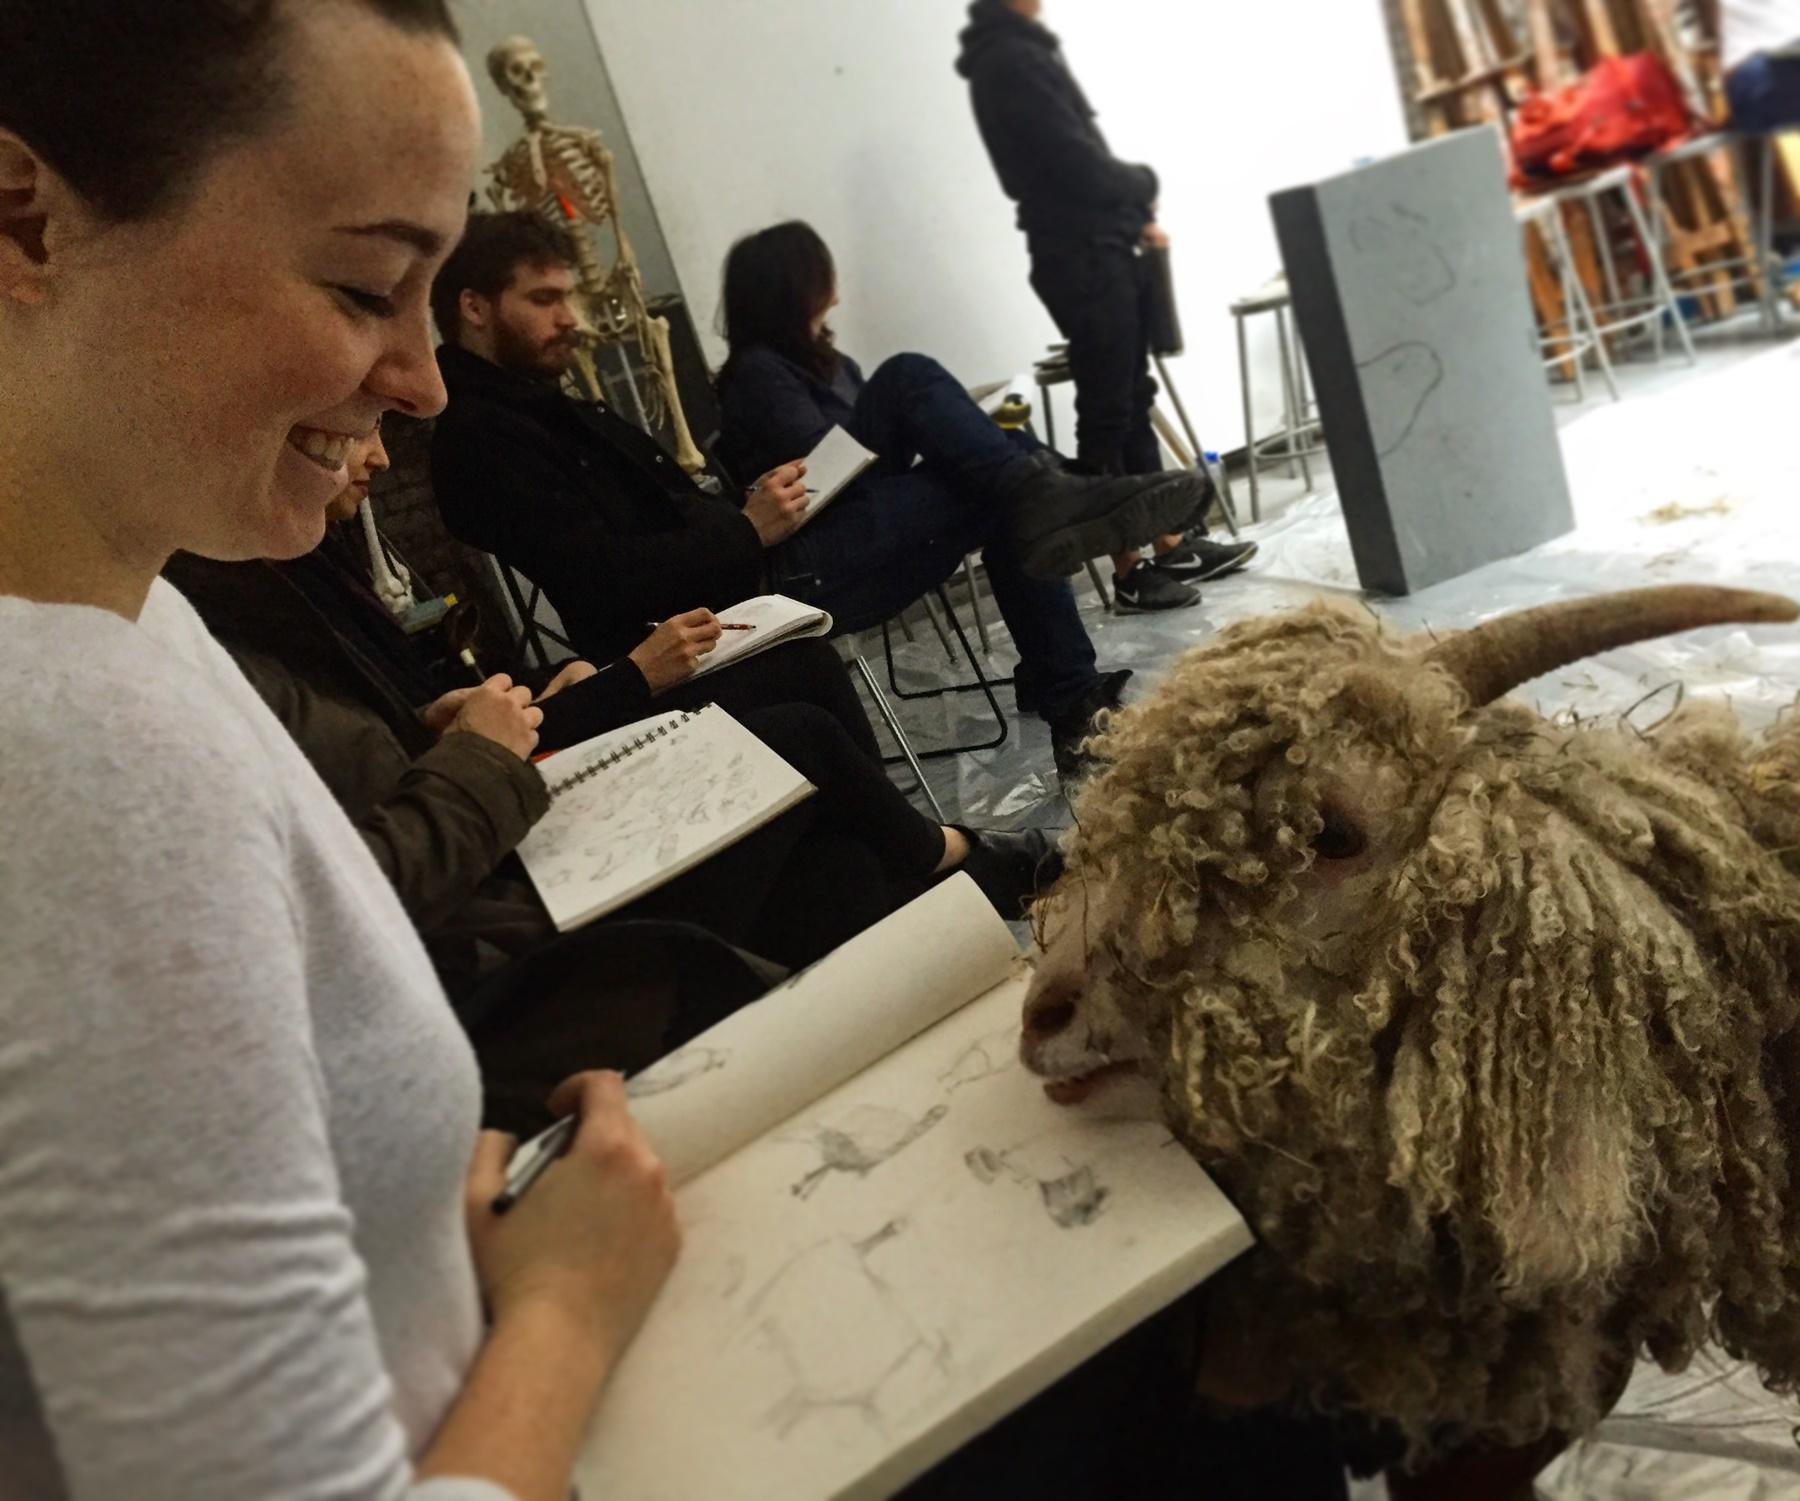 Meet the Inspiring Animals That Infiltrated a New York City Art School